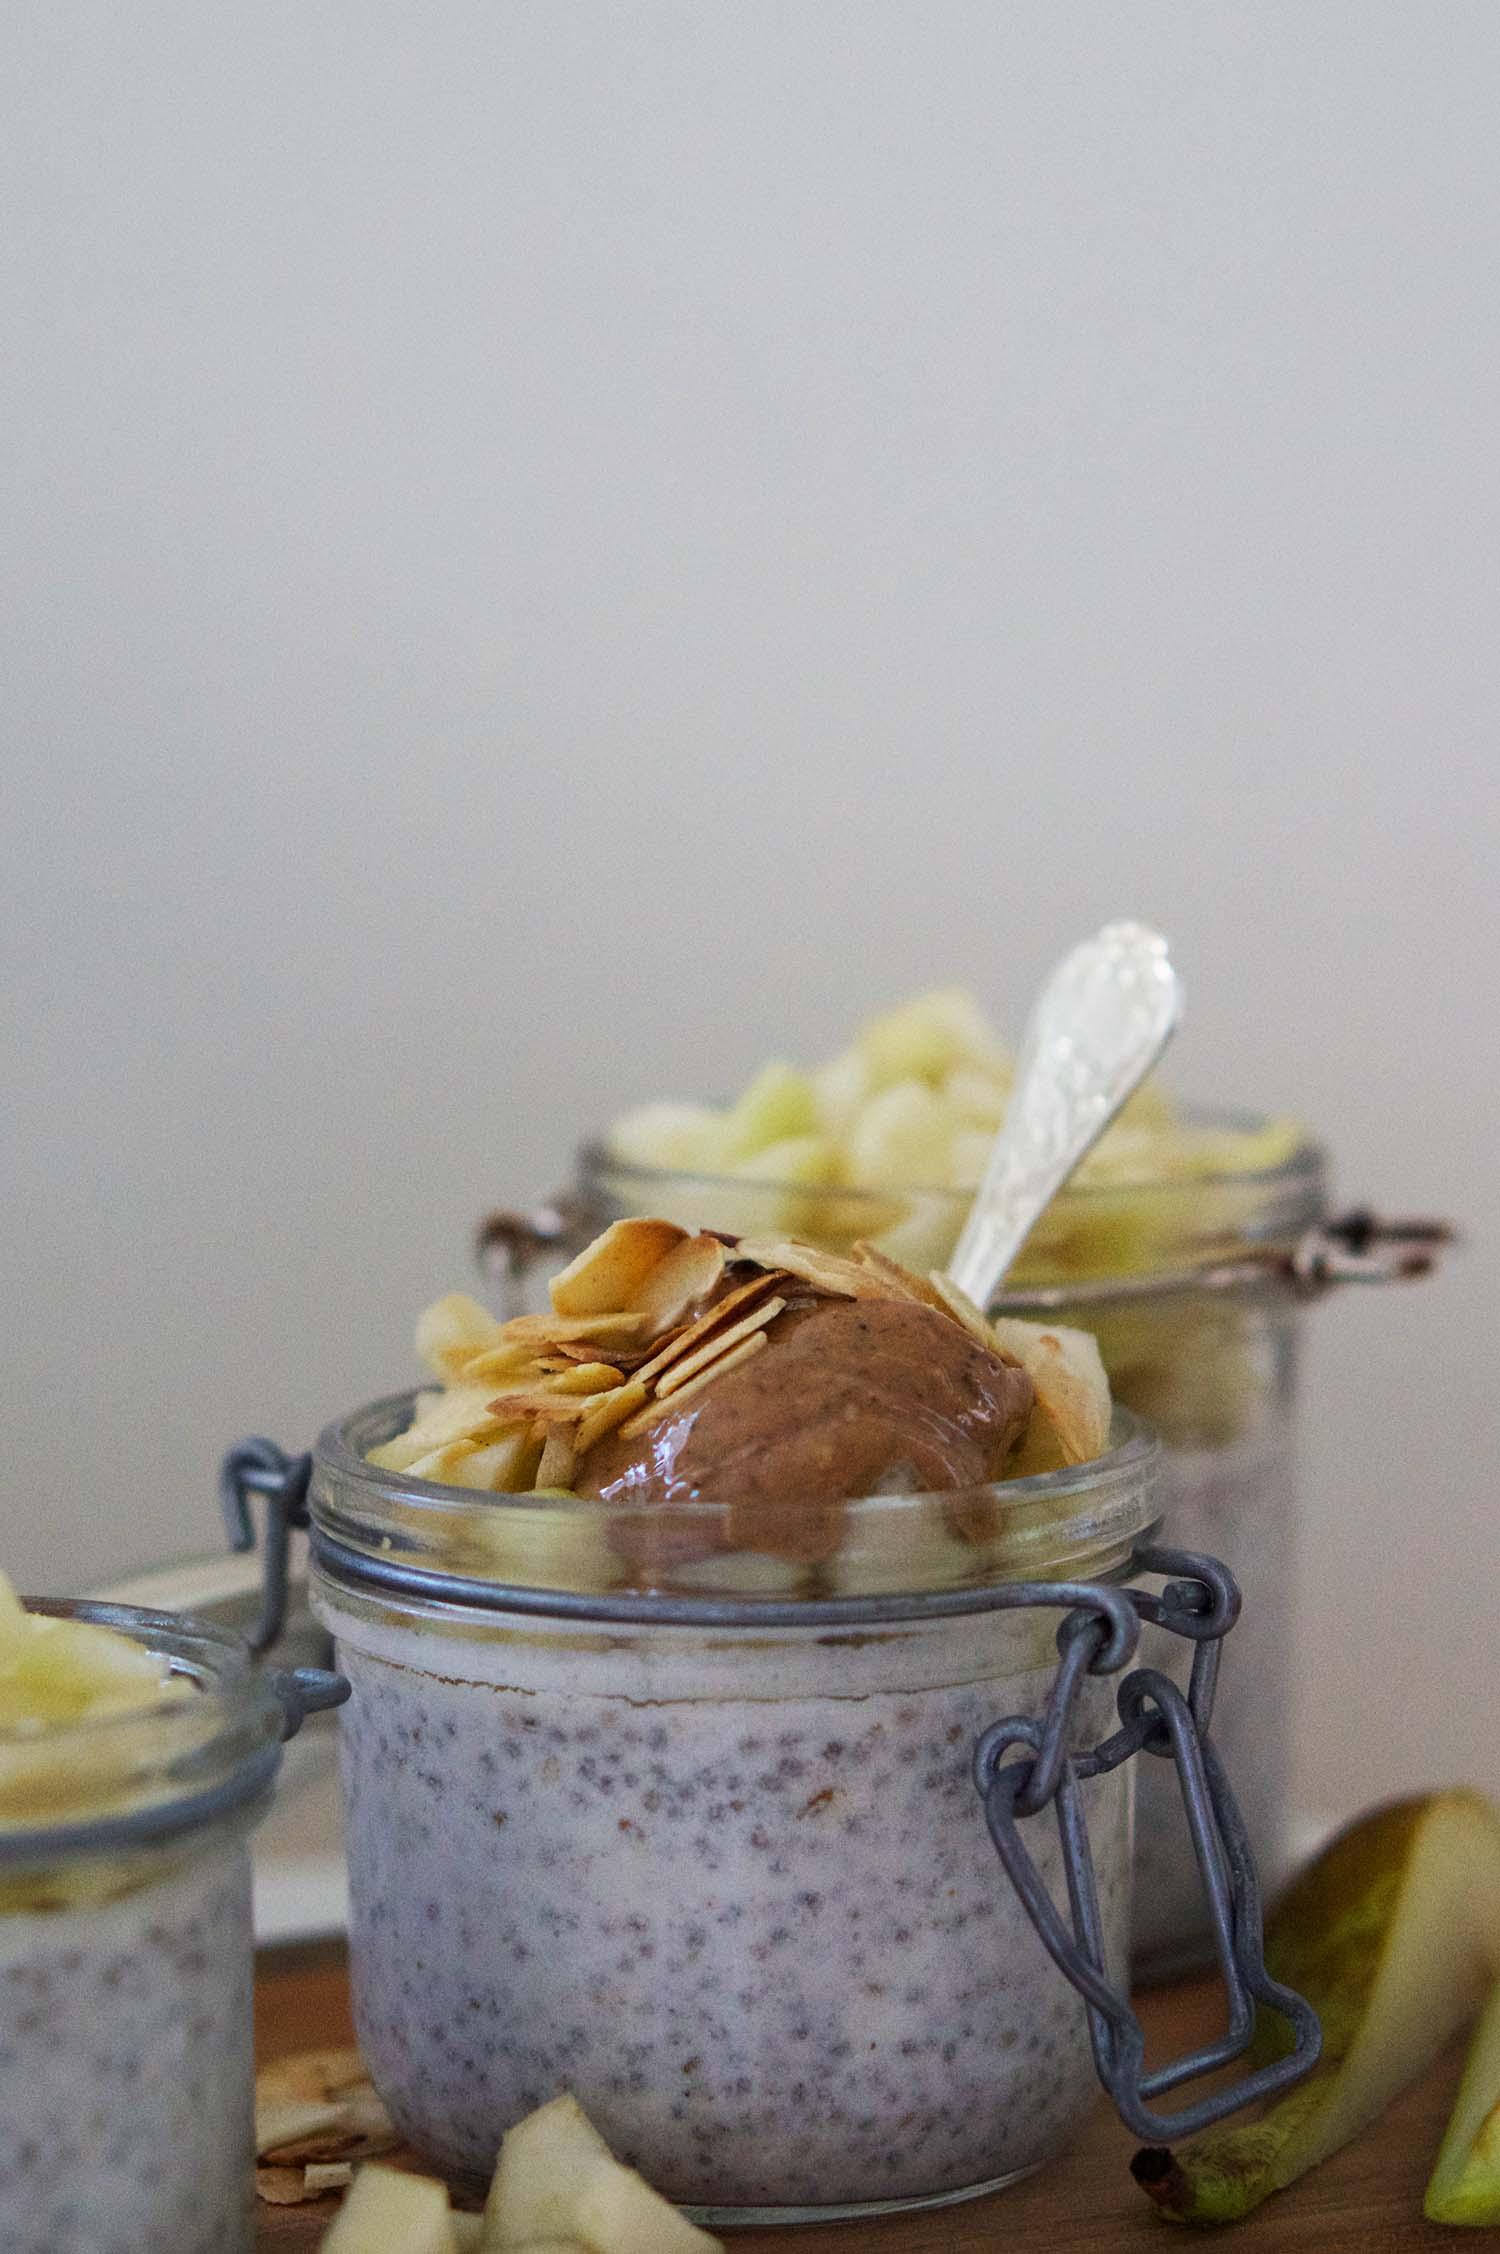 Chiapudding päron och mandel